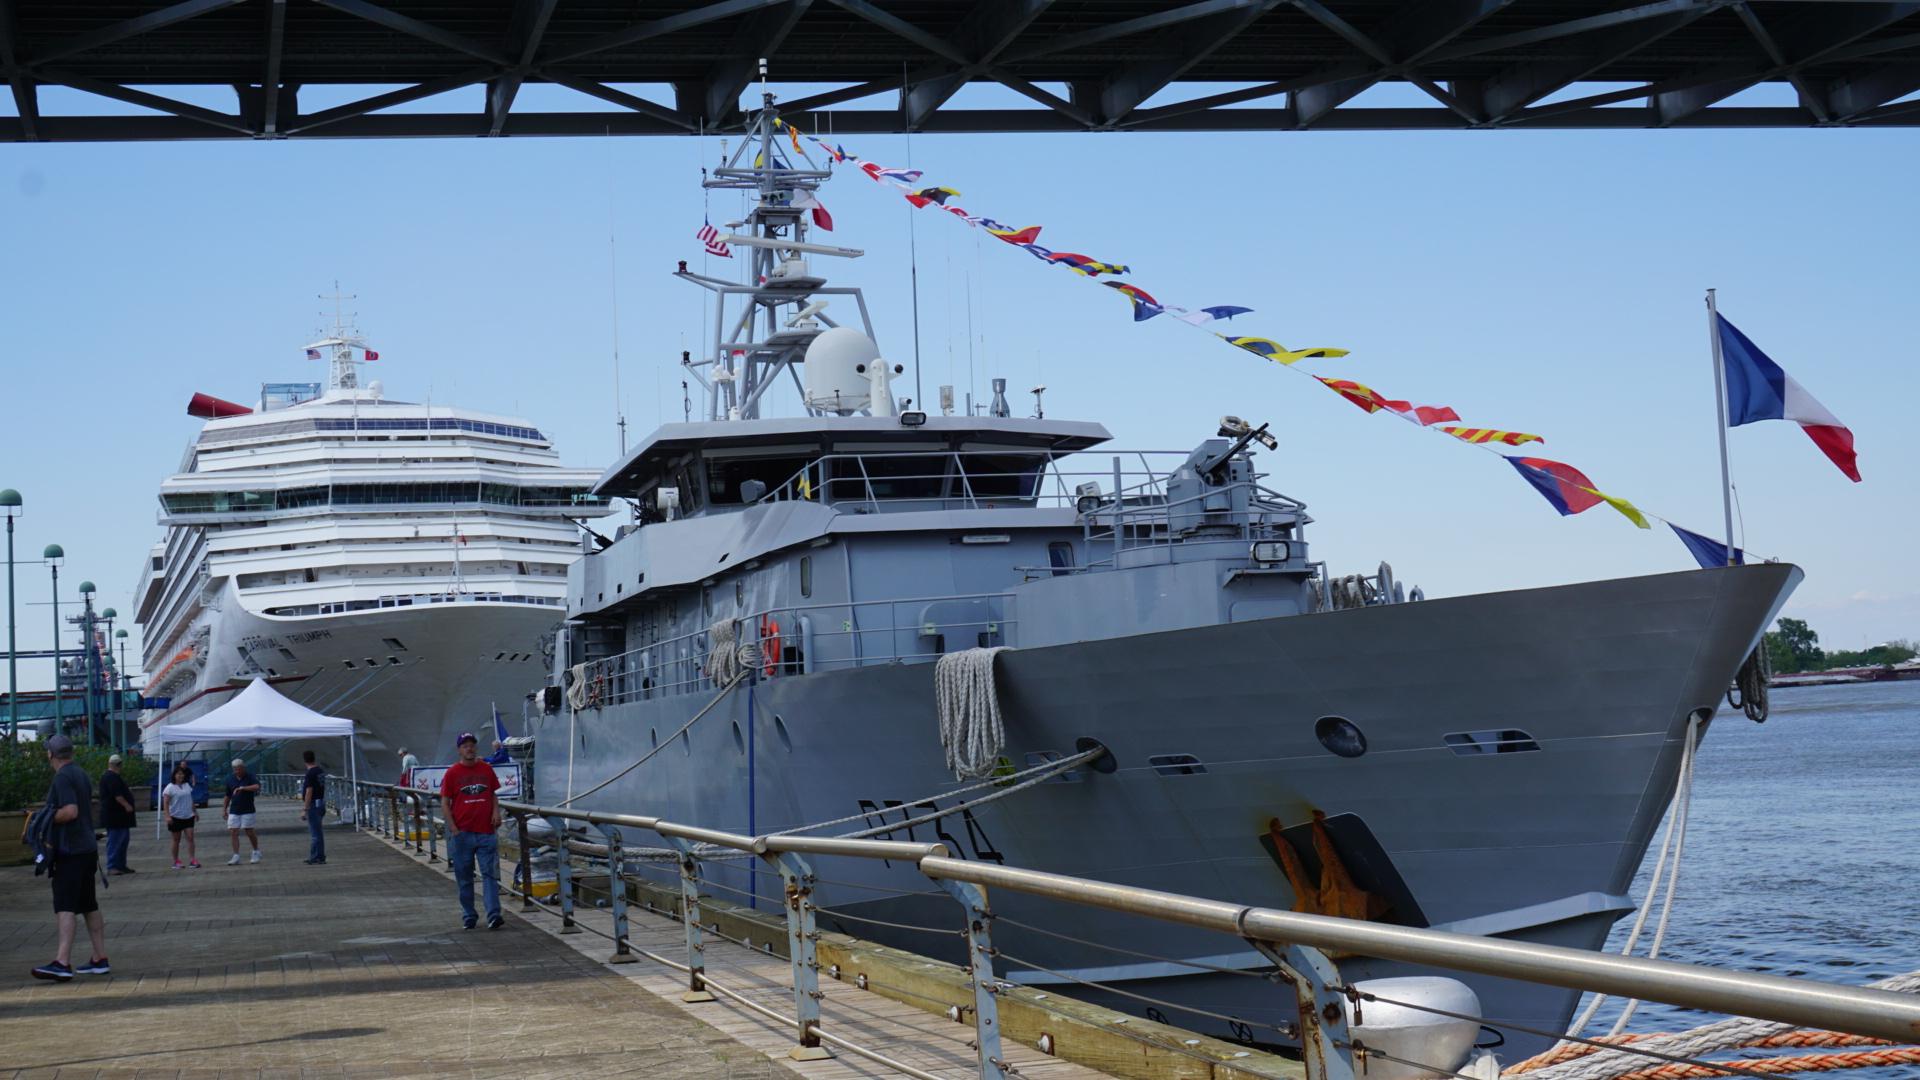 Les patrouilleurs de la Marine Nationale - Page 7 41415319455_c6c7b099a4_o